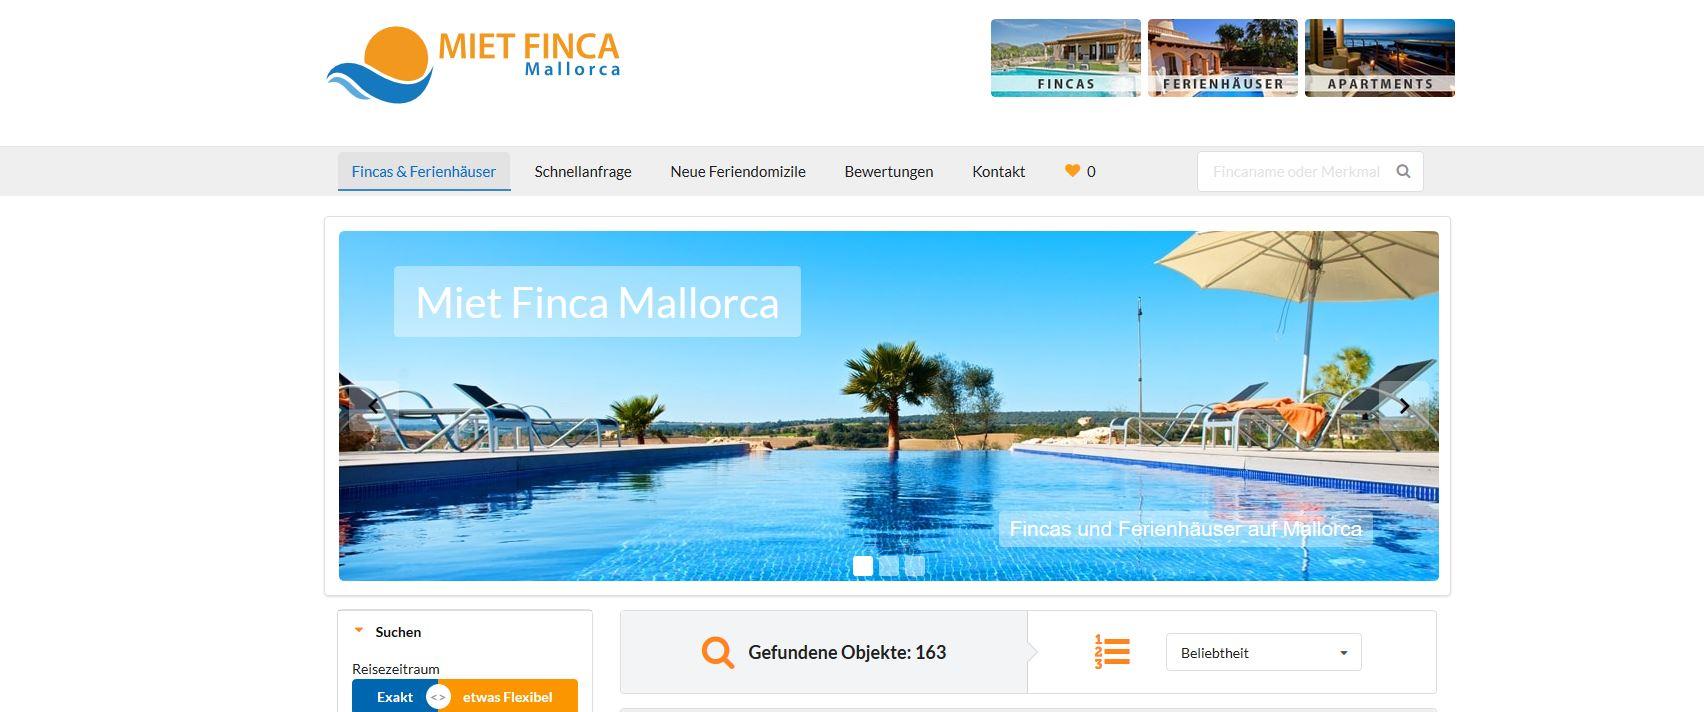 screenshot_miet-finca-mallorca